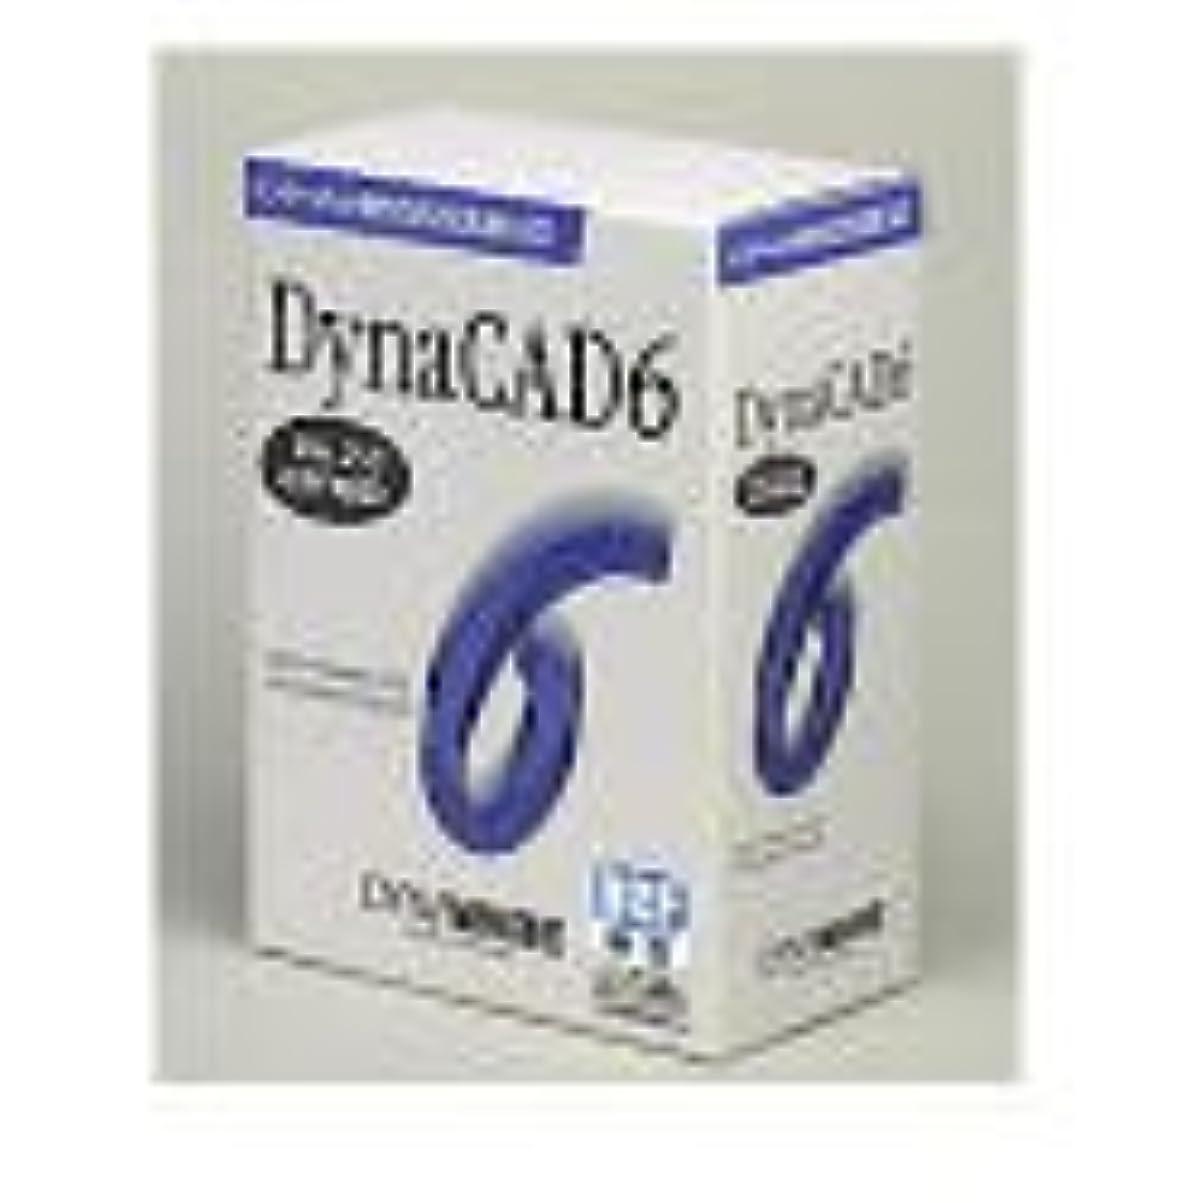 クライアント目覚める習字DynaCAD 6 Ver.2.0 (SXF対応) 初年度保守つき